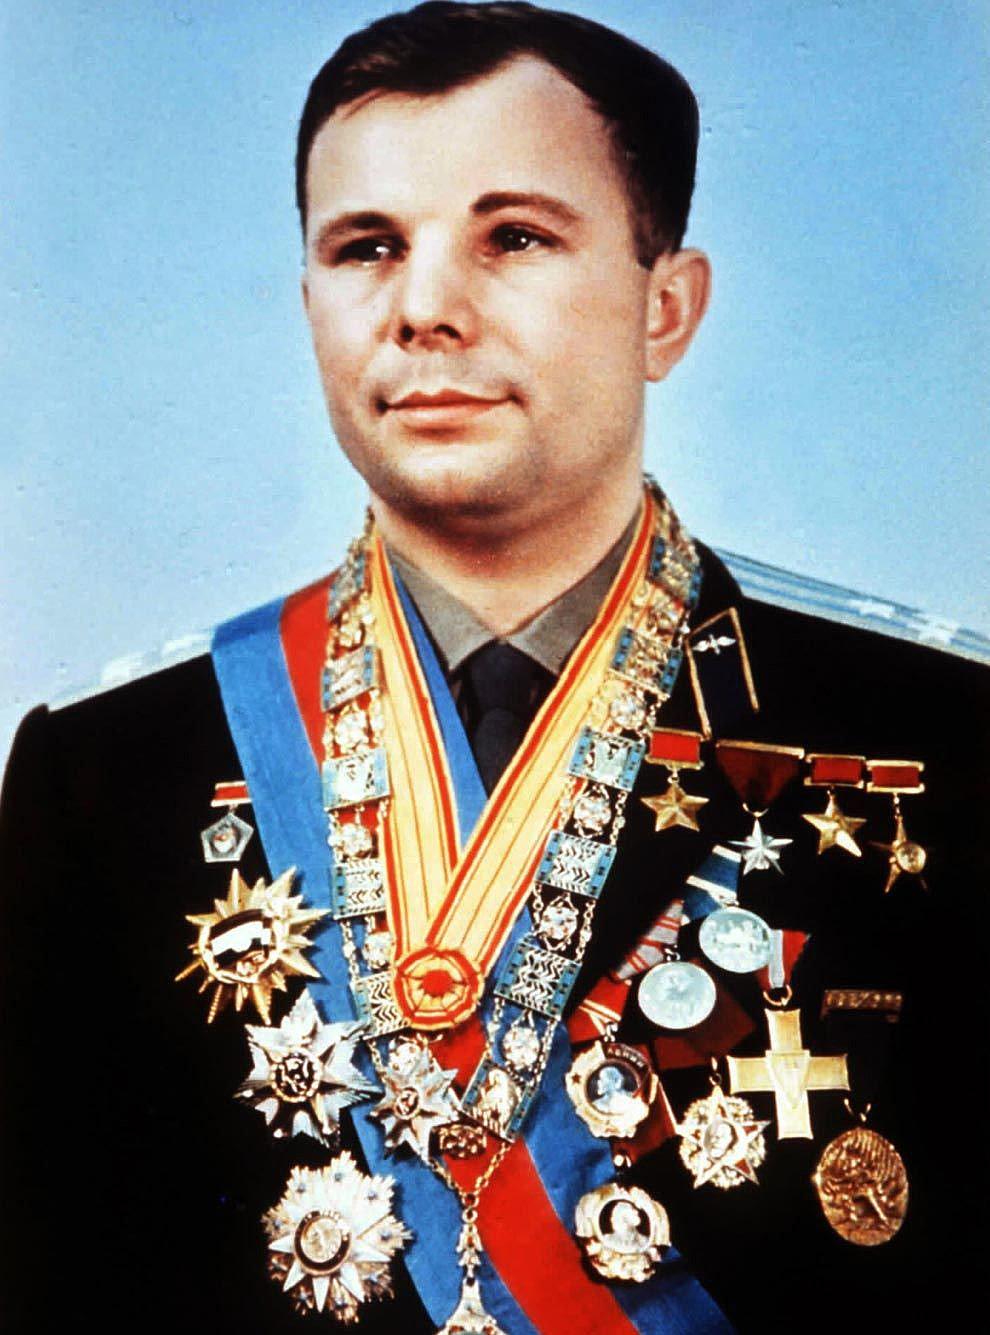 Foto-Geroy-Sovetskogo-Soyuza-YUriy-Gagarin